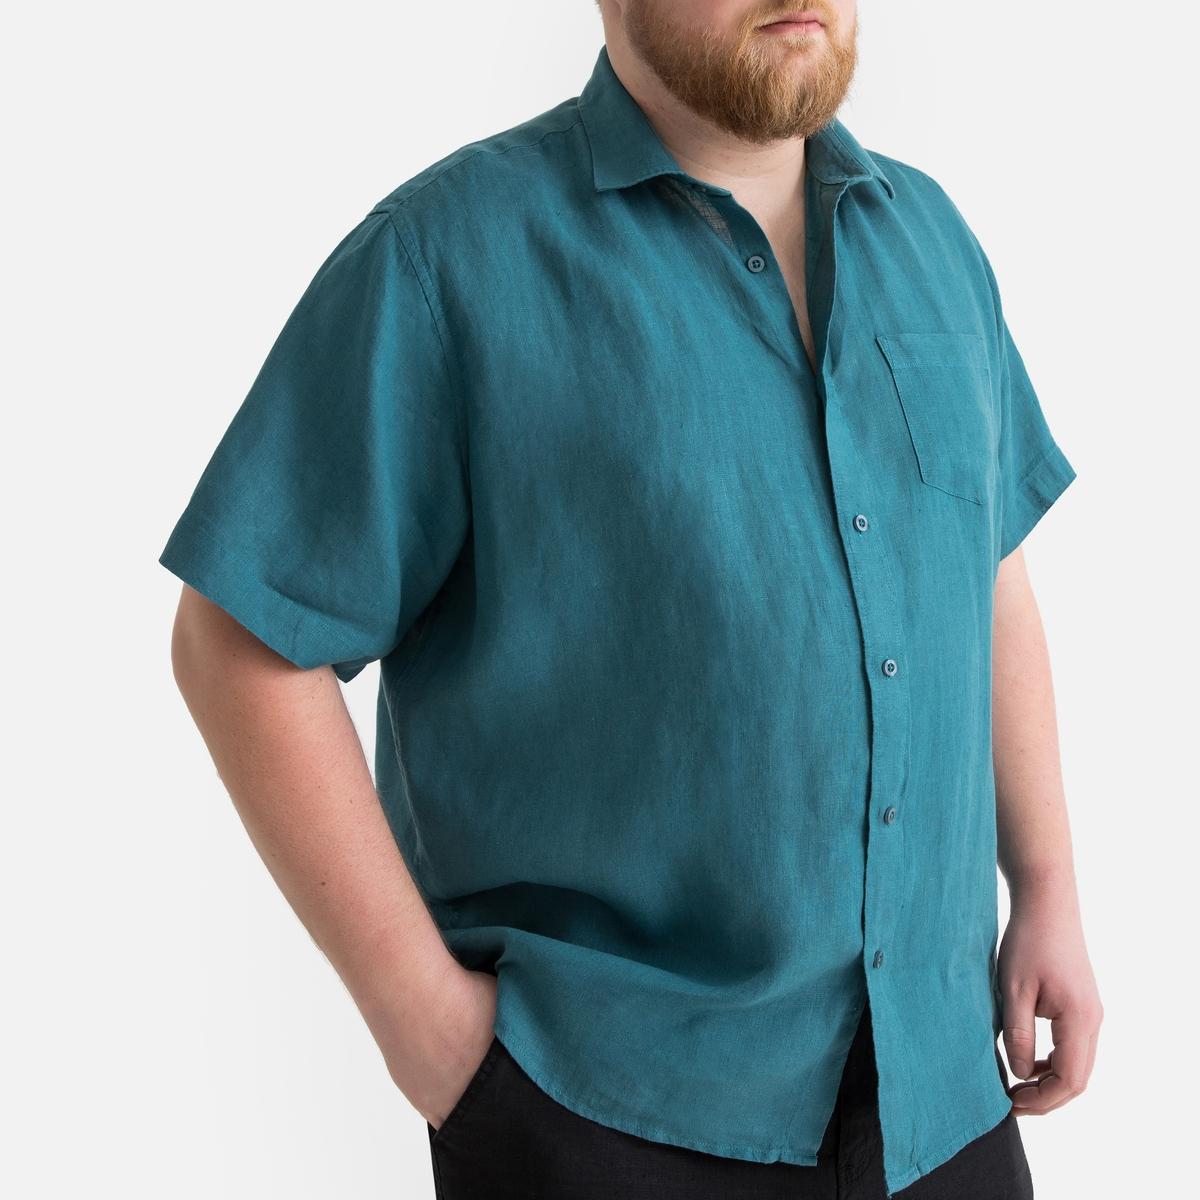 Фото - Рубашка LaRedoute Однотонная прямого покроя с короткими рукавами 100 лен 51/52 синий юбка laredoute джинсовая прямого покроя xs синий